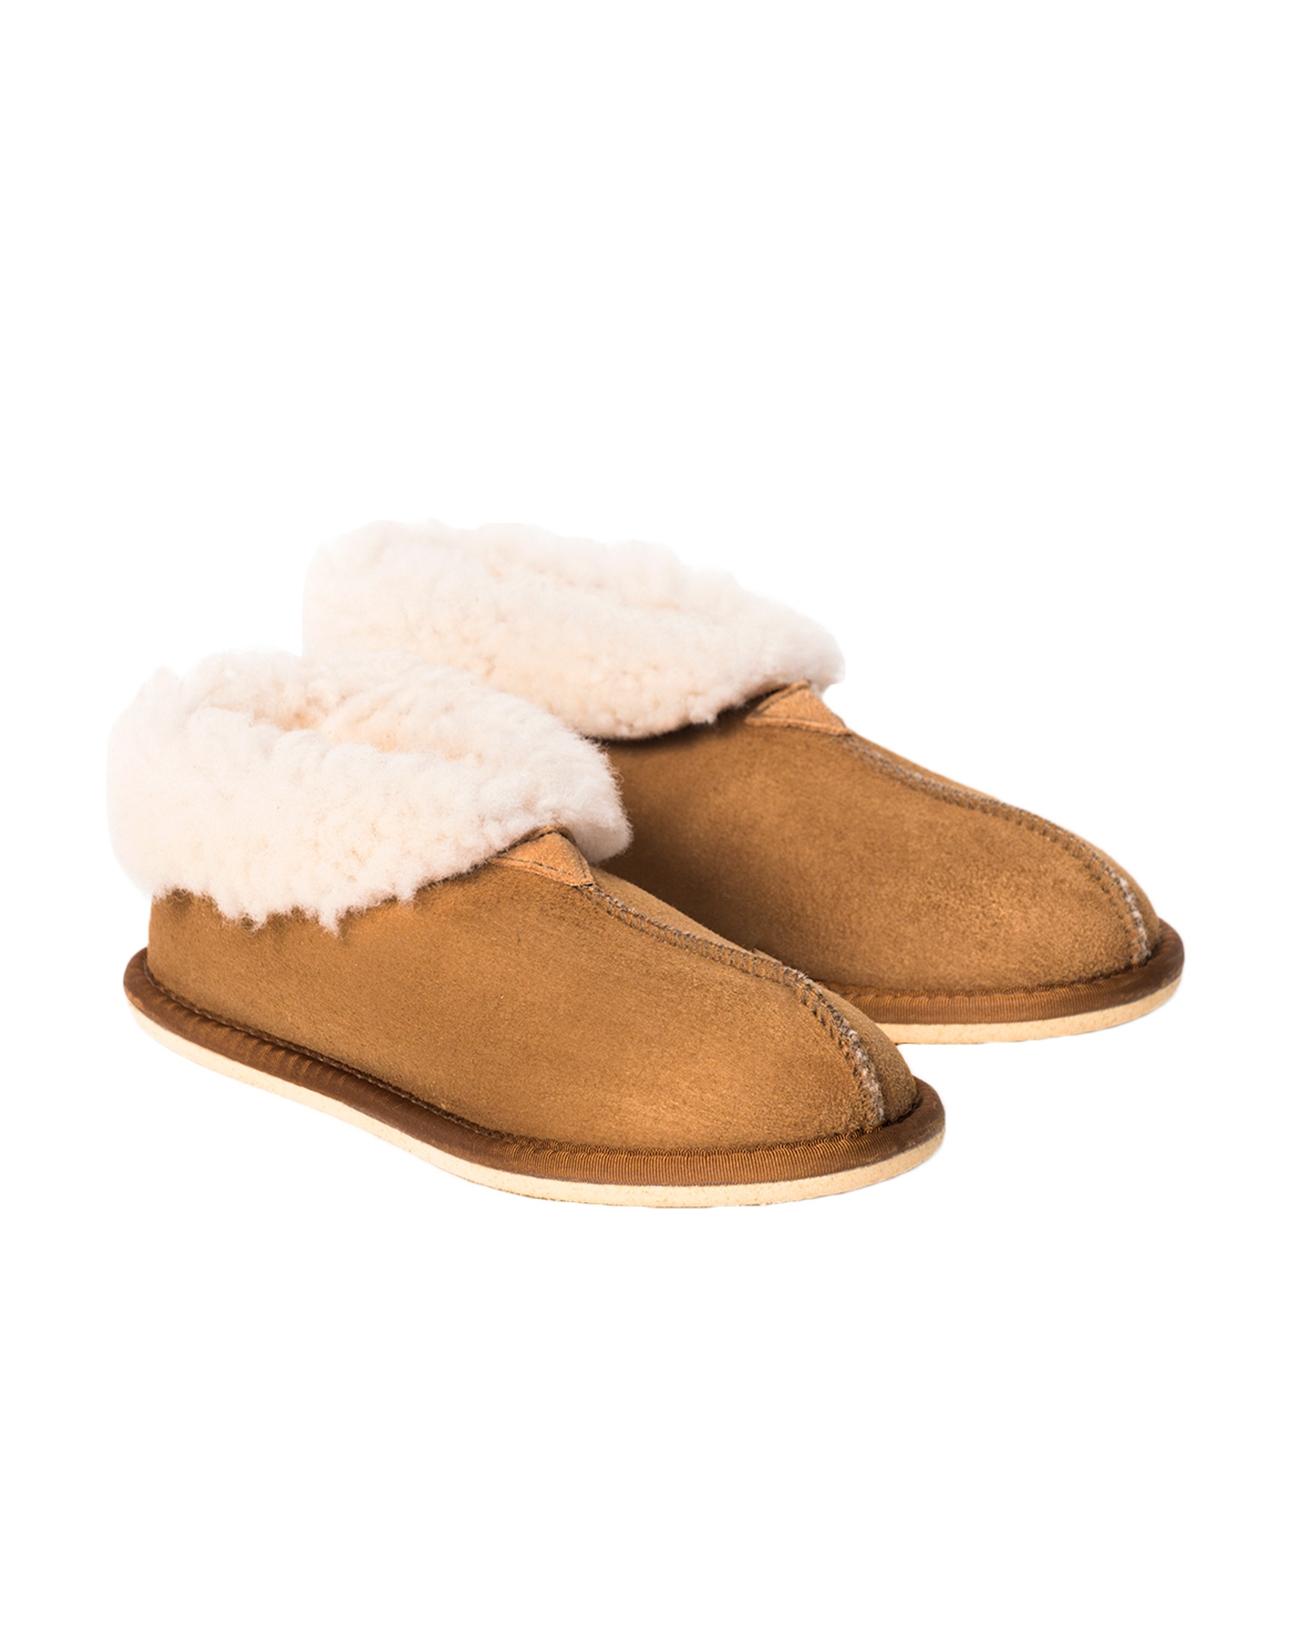 Ladies Sheepskin Bootee Slipper - Size 5 - Spice - 1722